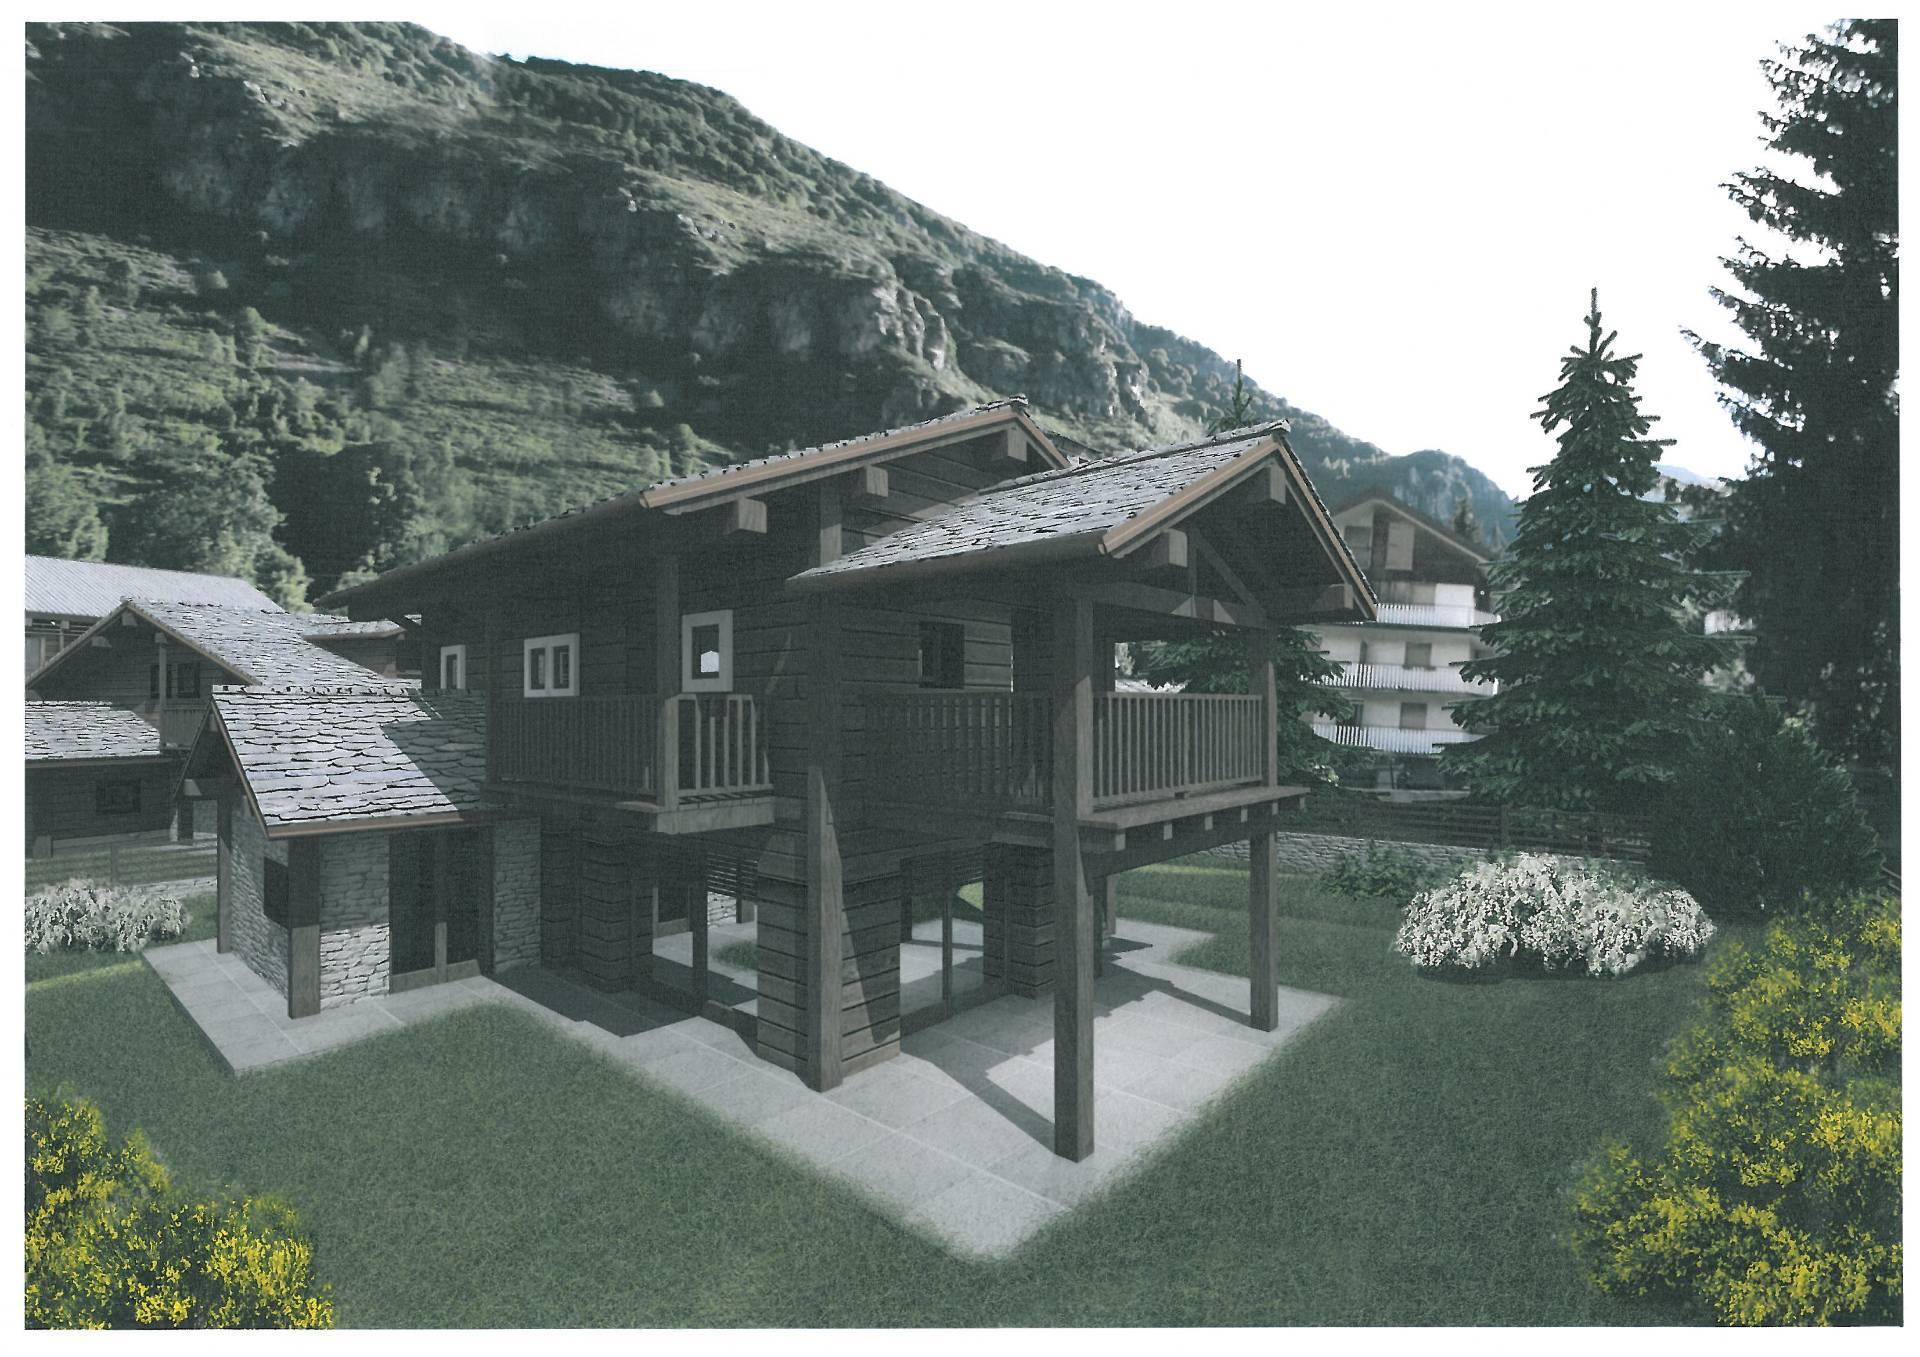 Appartamento in vendita a Limone Piemonte, 4 locali, prezzo € 1.415.000 | PortaleAgenzieImmobiliari.it